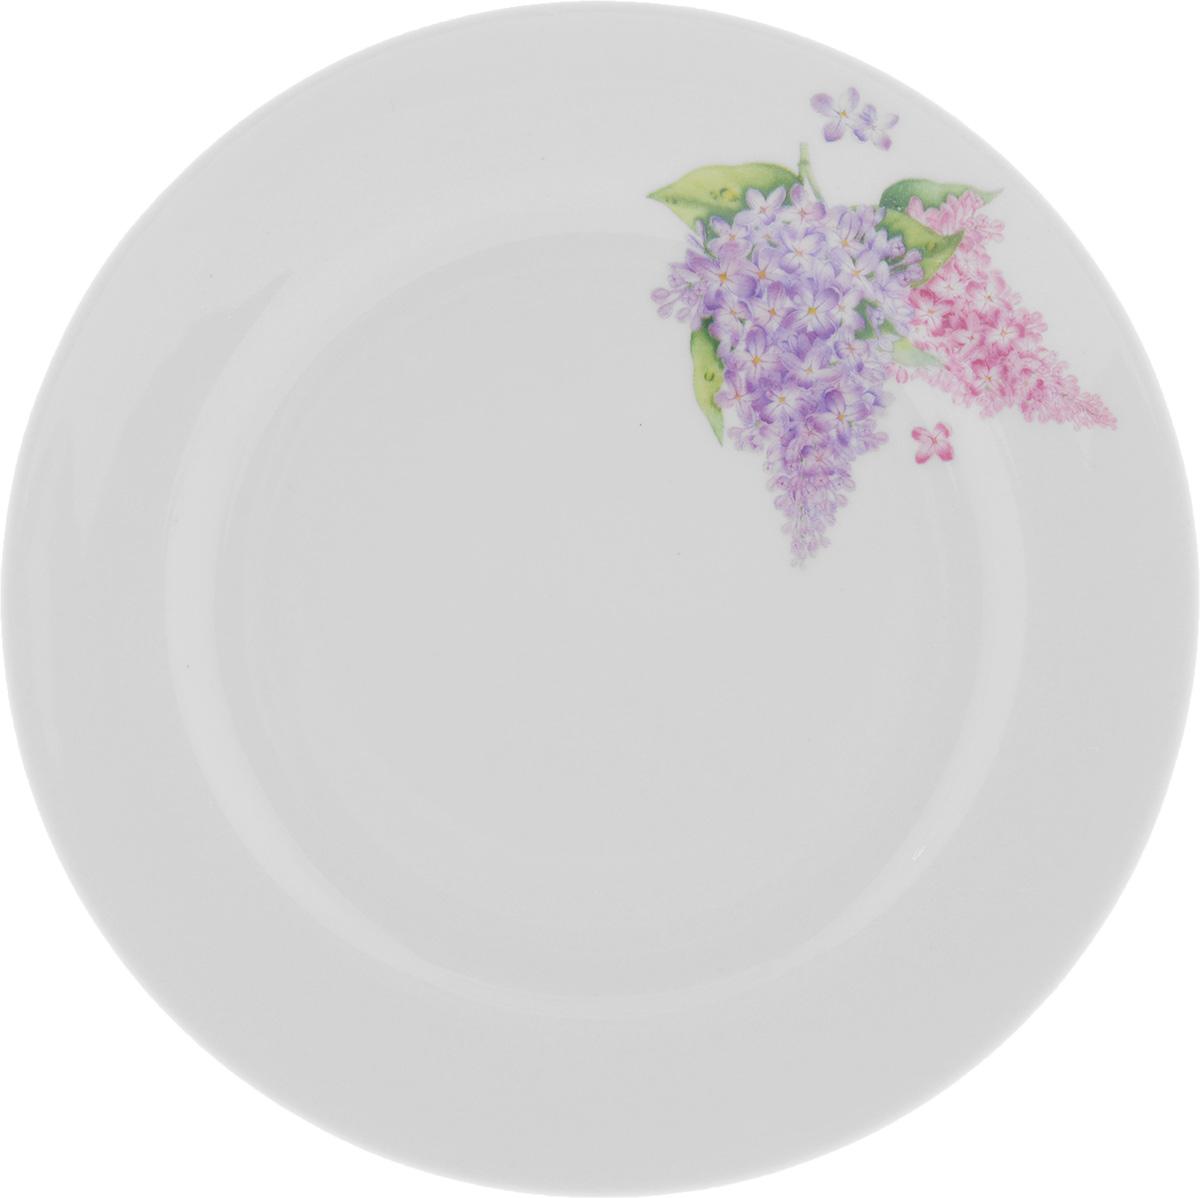 Тарелка Идиллия. Сирень, диаметр 17 смVT-1520(SR)Тарелка Идиллия. Сирень выполнена из высококачественного фарфора. Изделие оформлено изображением цветов. Изящная блюдце не только красиво оформит стол к чаепитию, но и станет прекрасным подарком друзьям и близким.Диаметр тарелки (по верхнему краю): 17 см.Высота тарелки: 2 см.